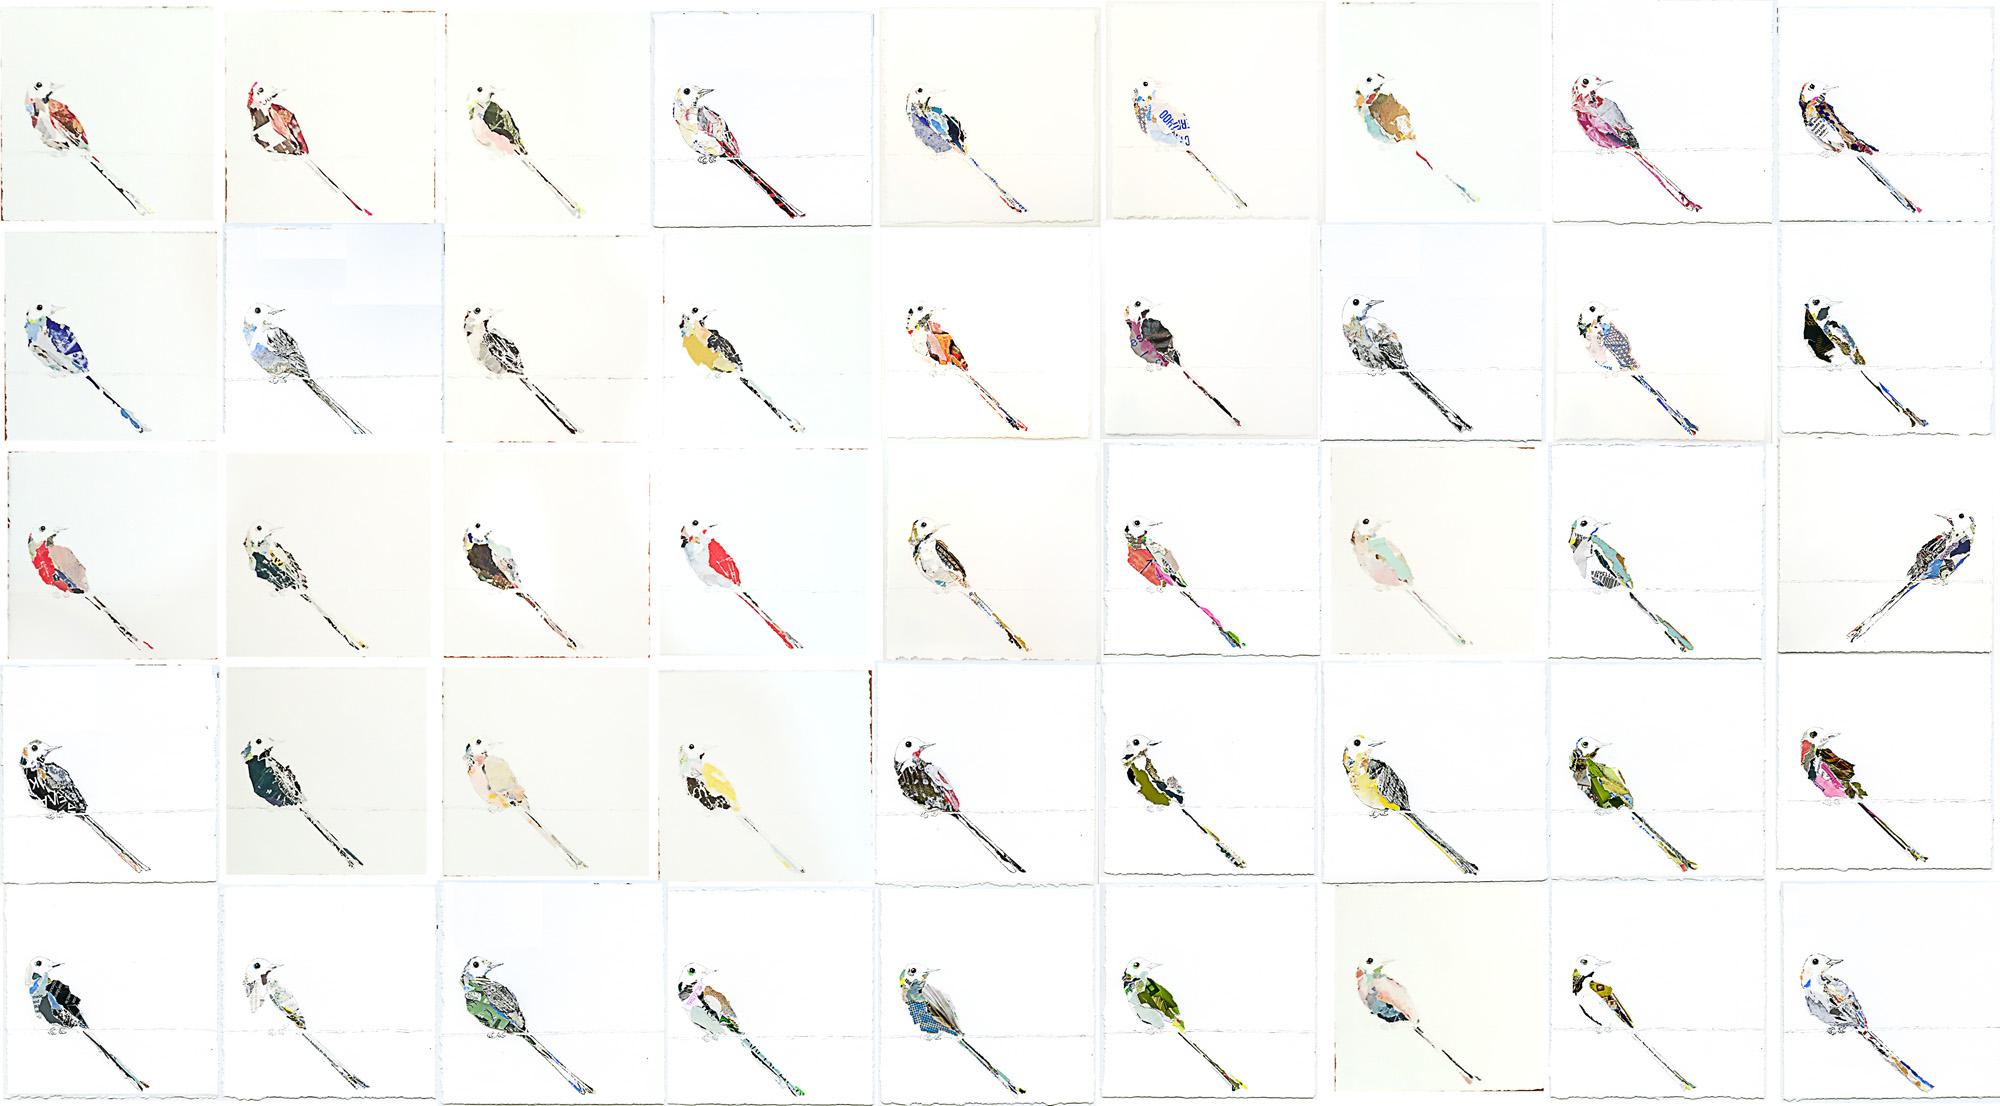 45flycatchers.jpg